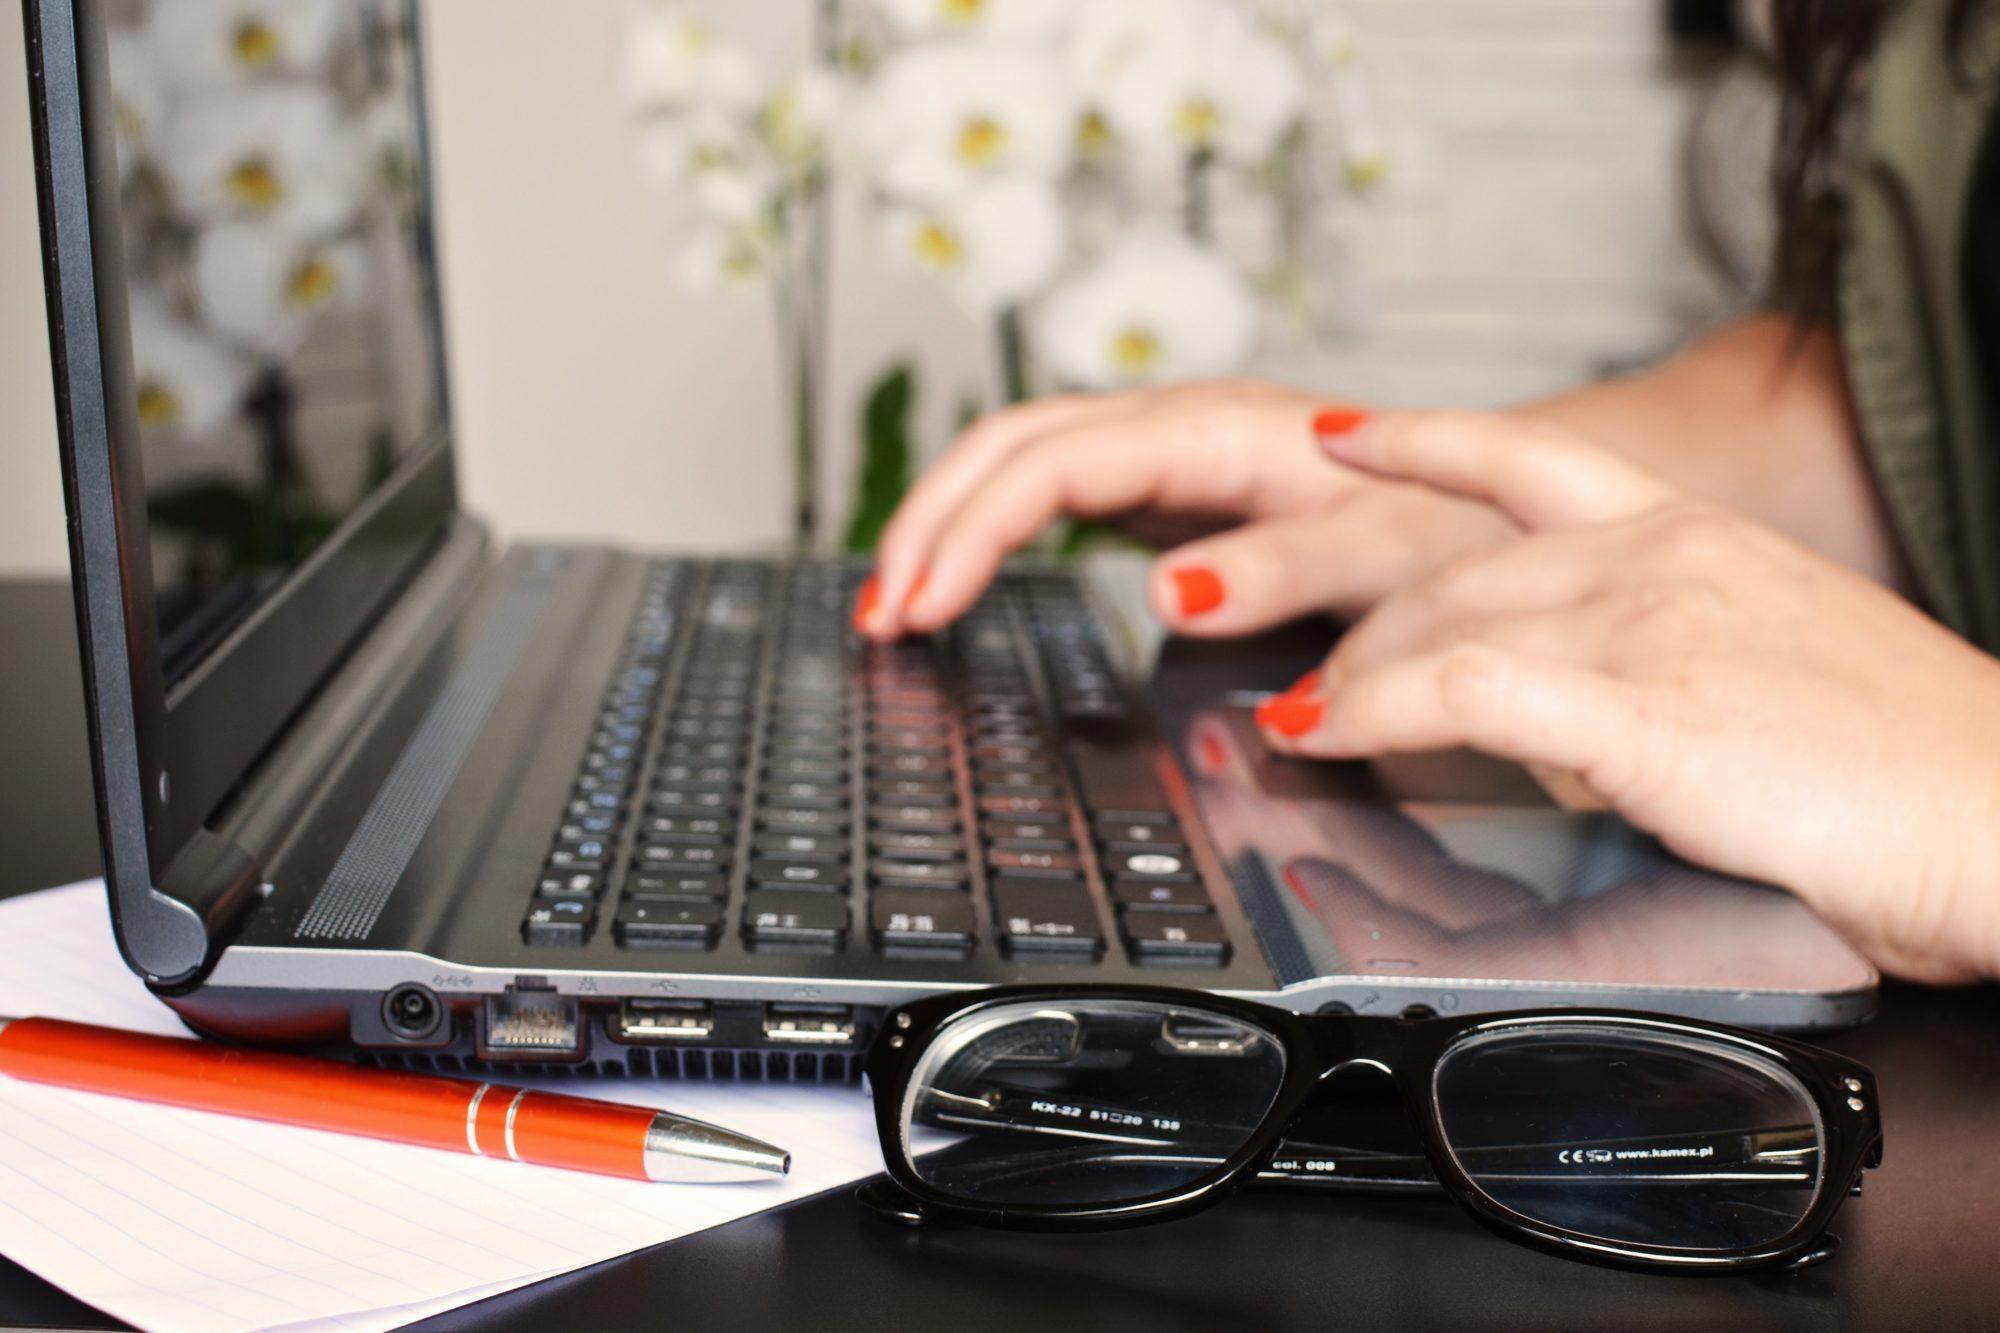 Žena za laptopom s okuliarmi položenými na stole